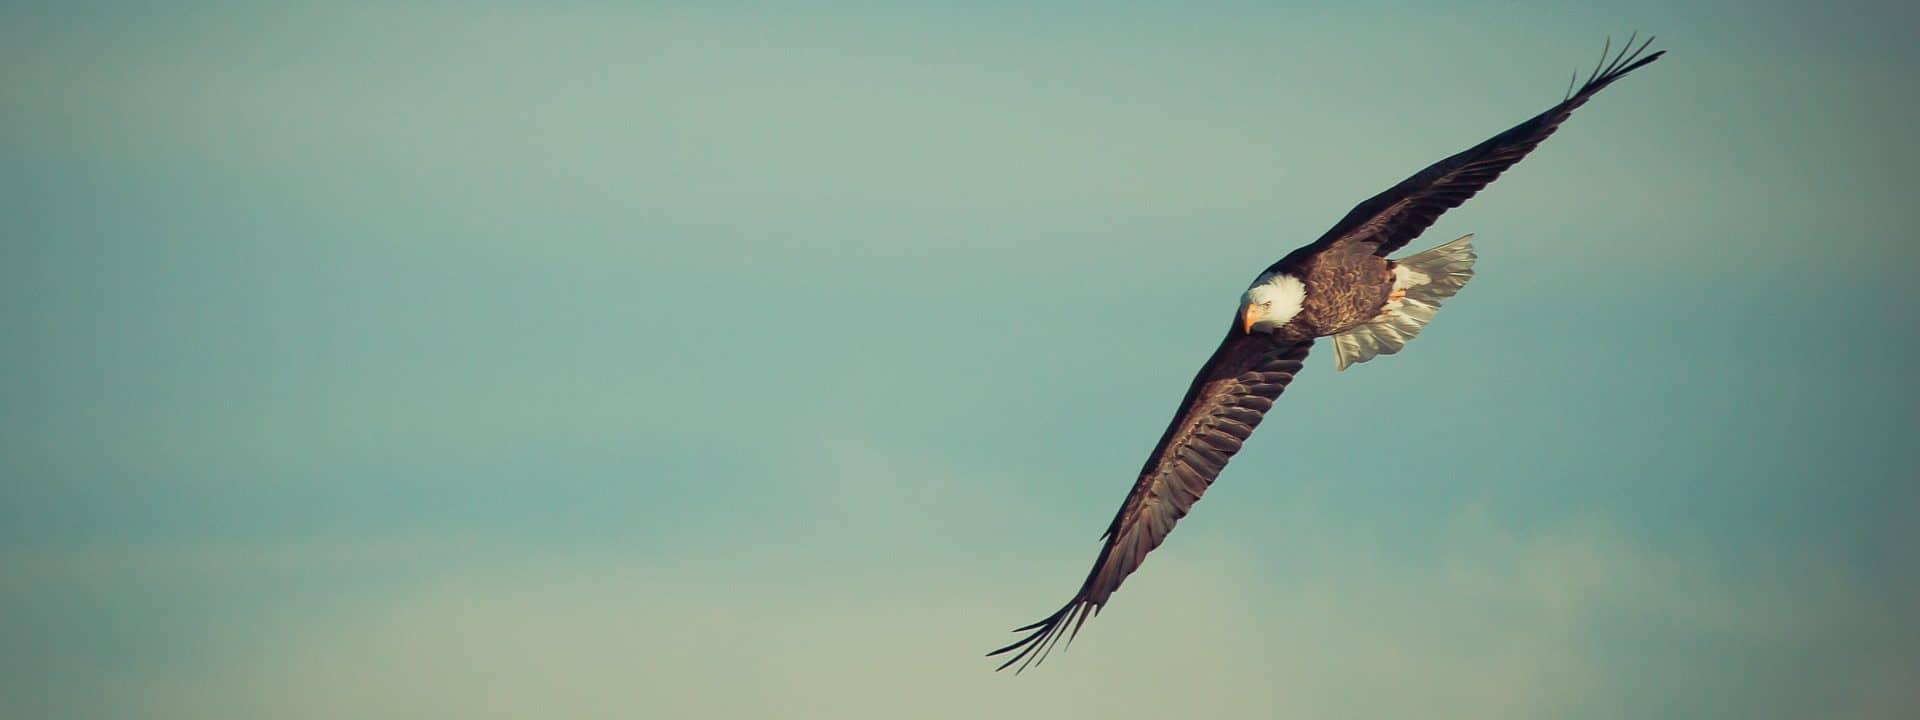 Ik zou graag een vogel willen zijn 2